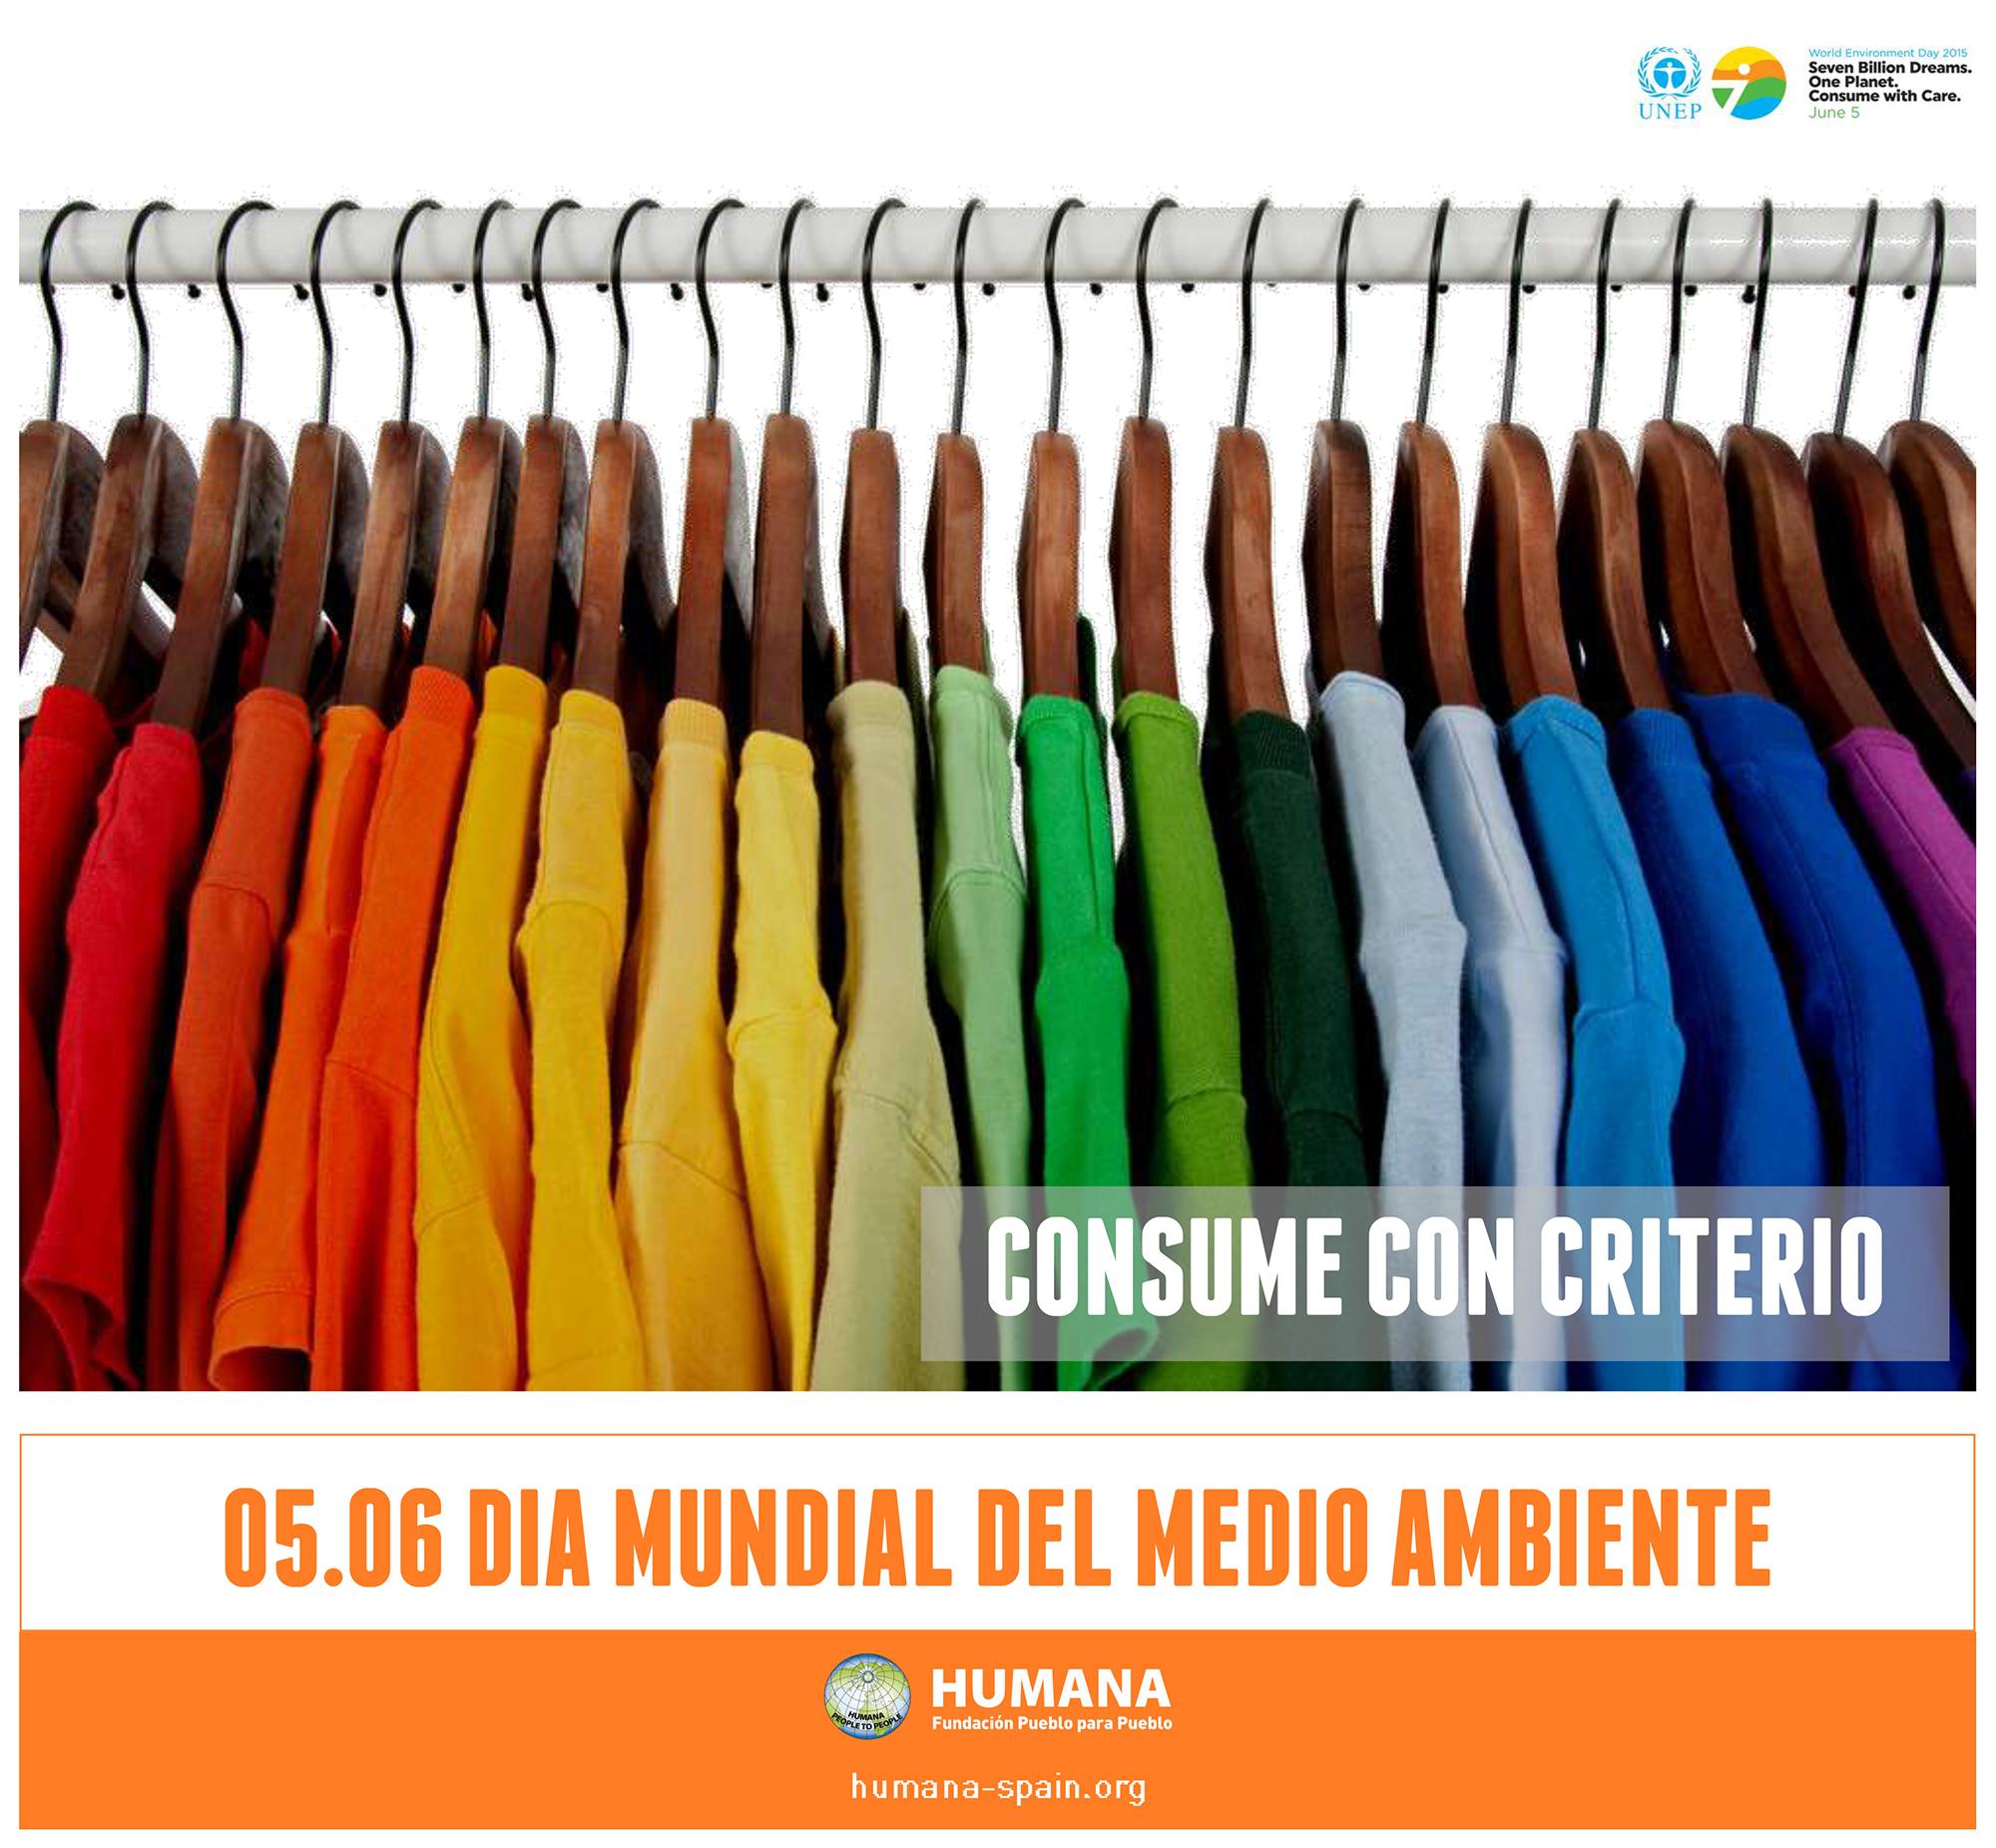 HUMANA_DMMA2015_CONSUME CON CRITERIO_low